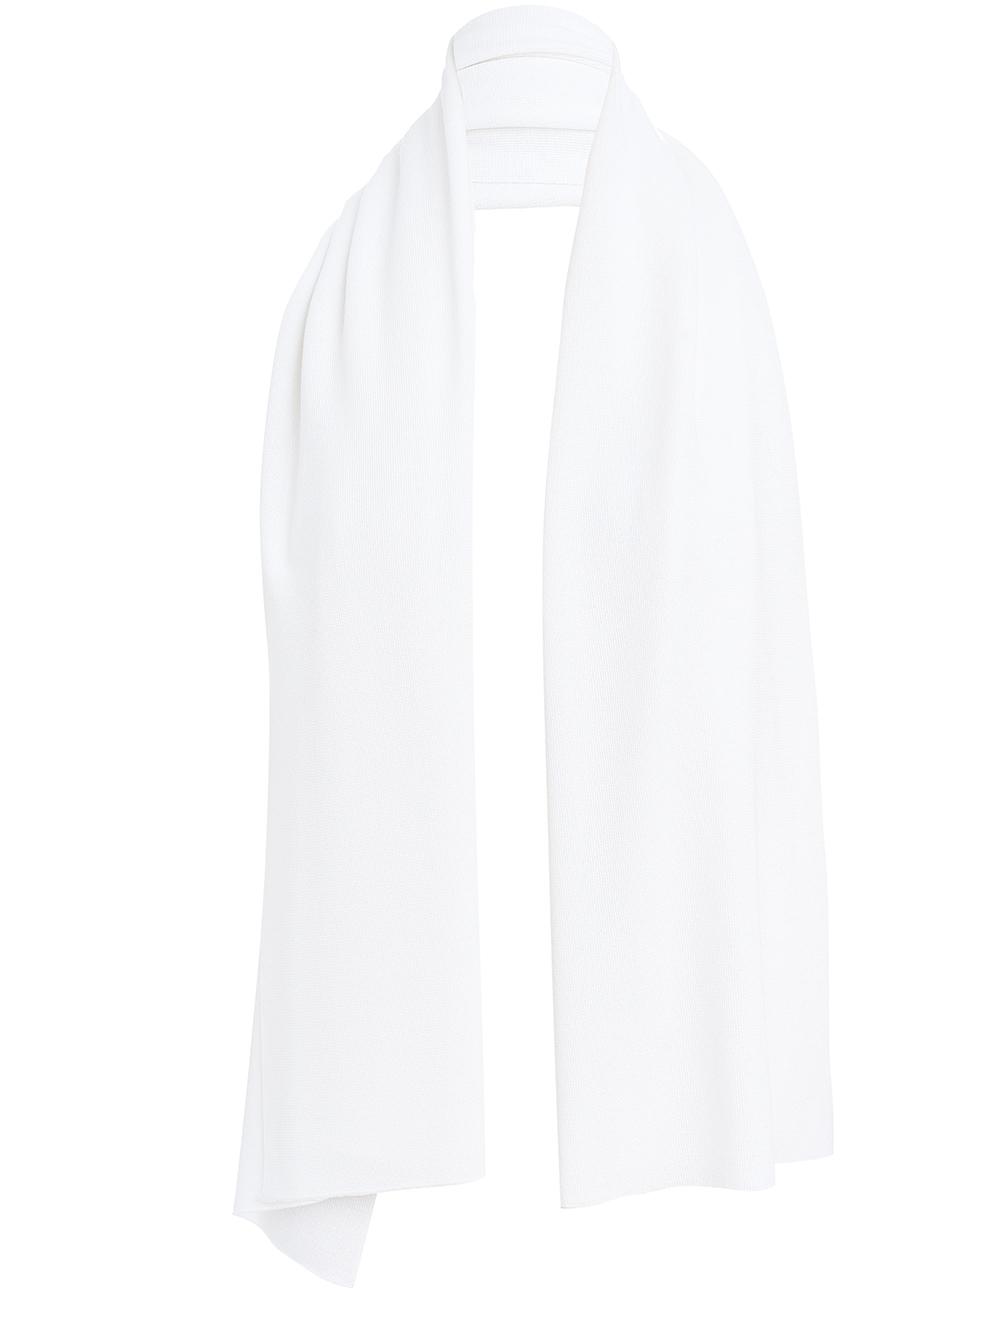 Женский палантин белого цвета из вискозы - фото 1